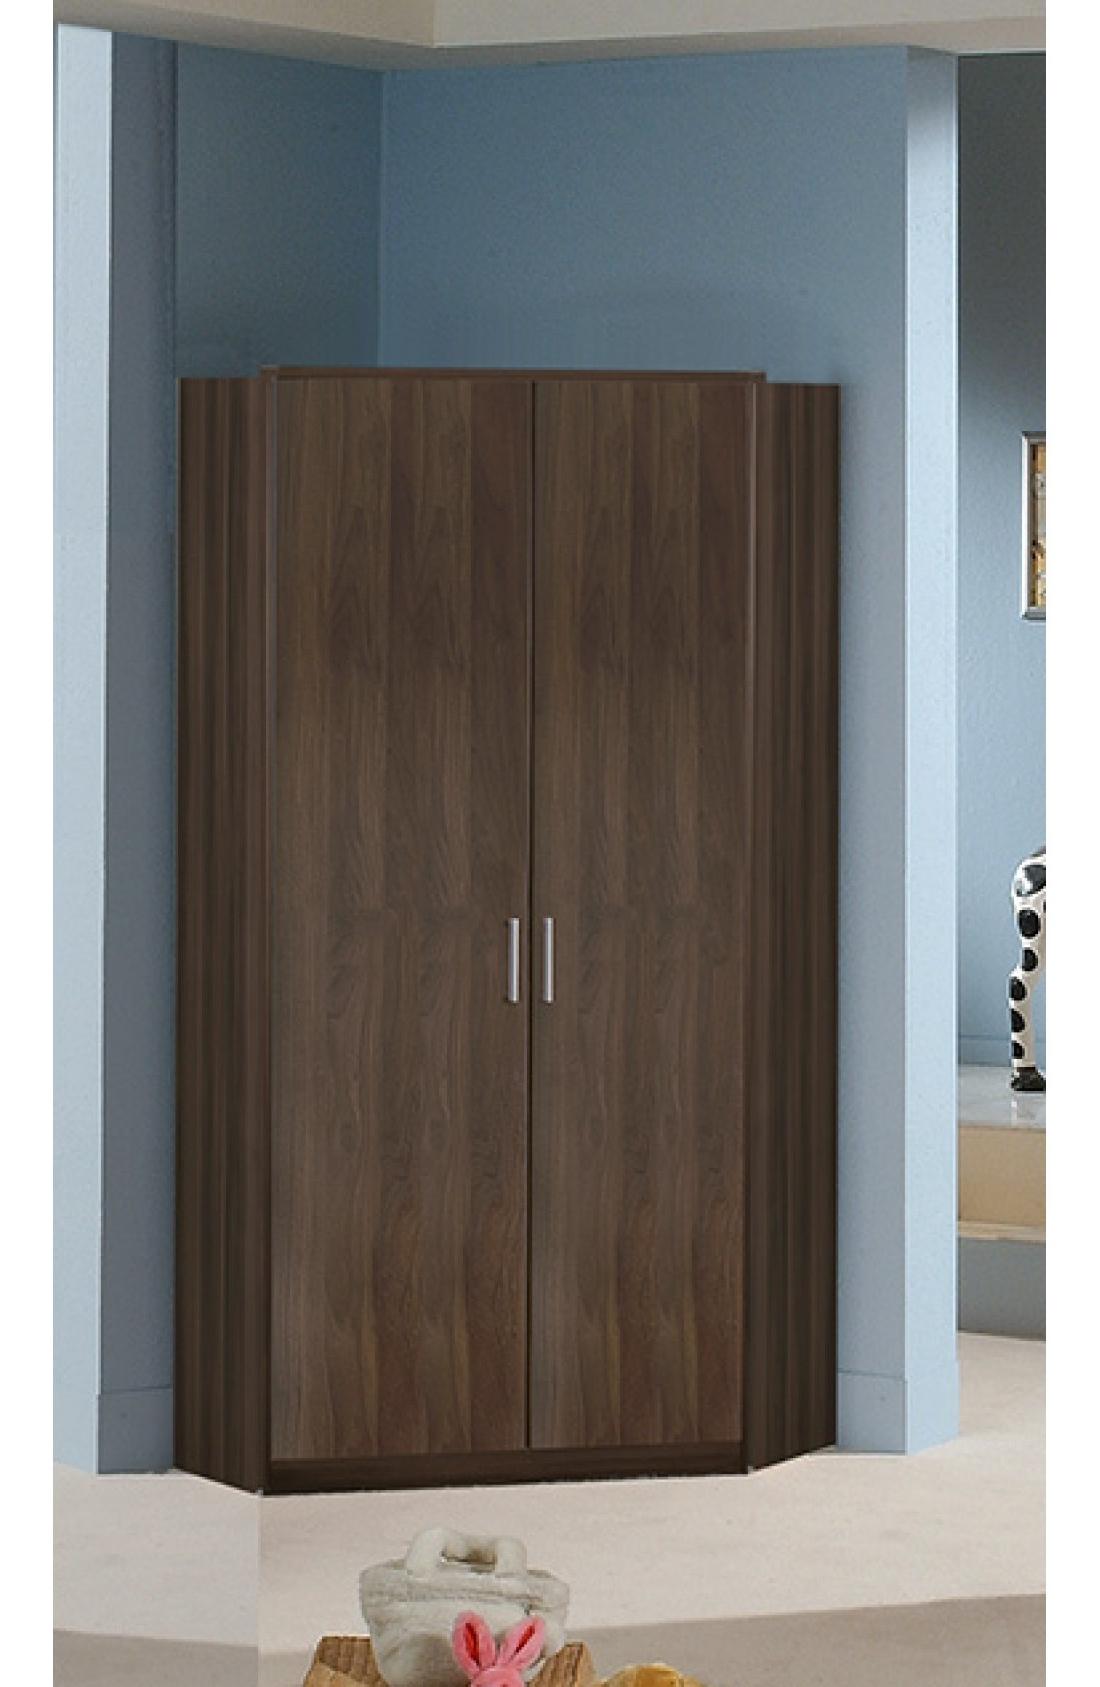 1 Door Corner Wardrobes Throughout Most Popular Slumberhaus 'berlin' German Made Modern Walnut 2 Door Corner Wardrobe (View 3 of 15)